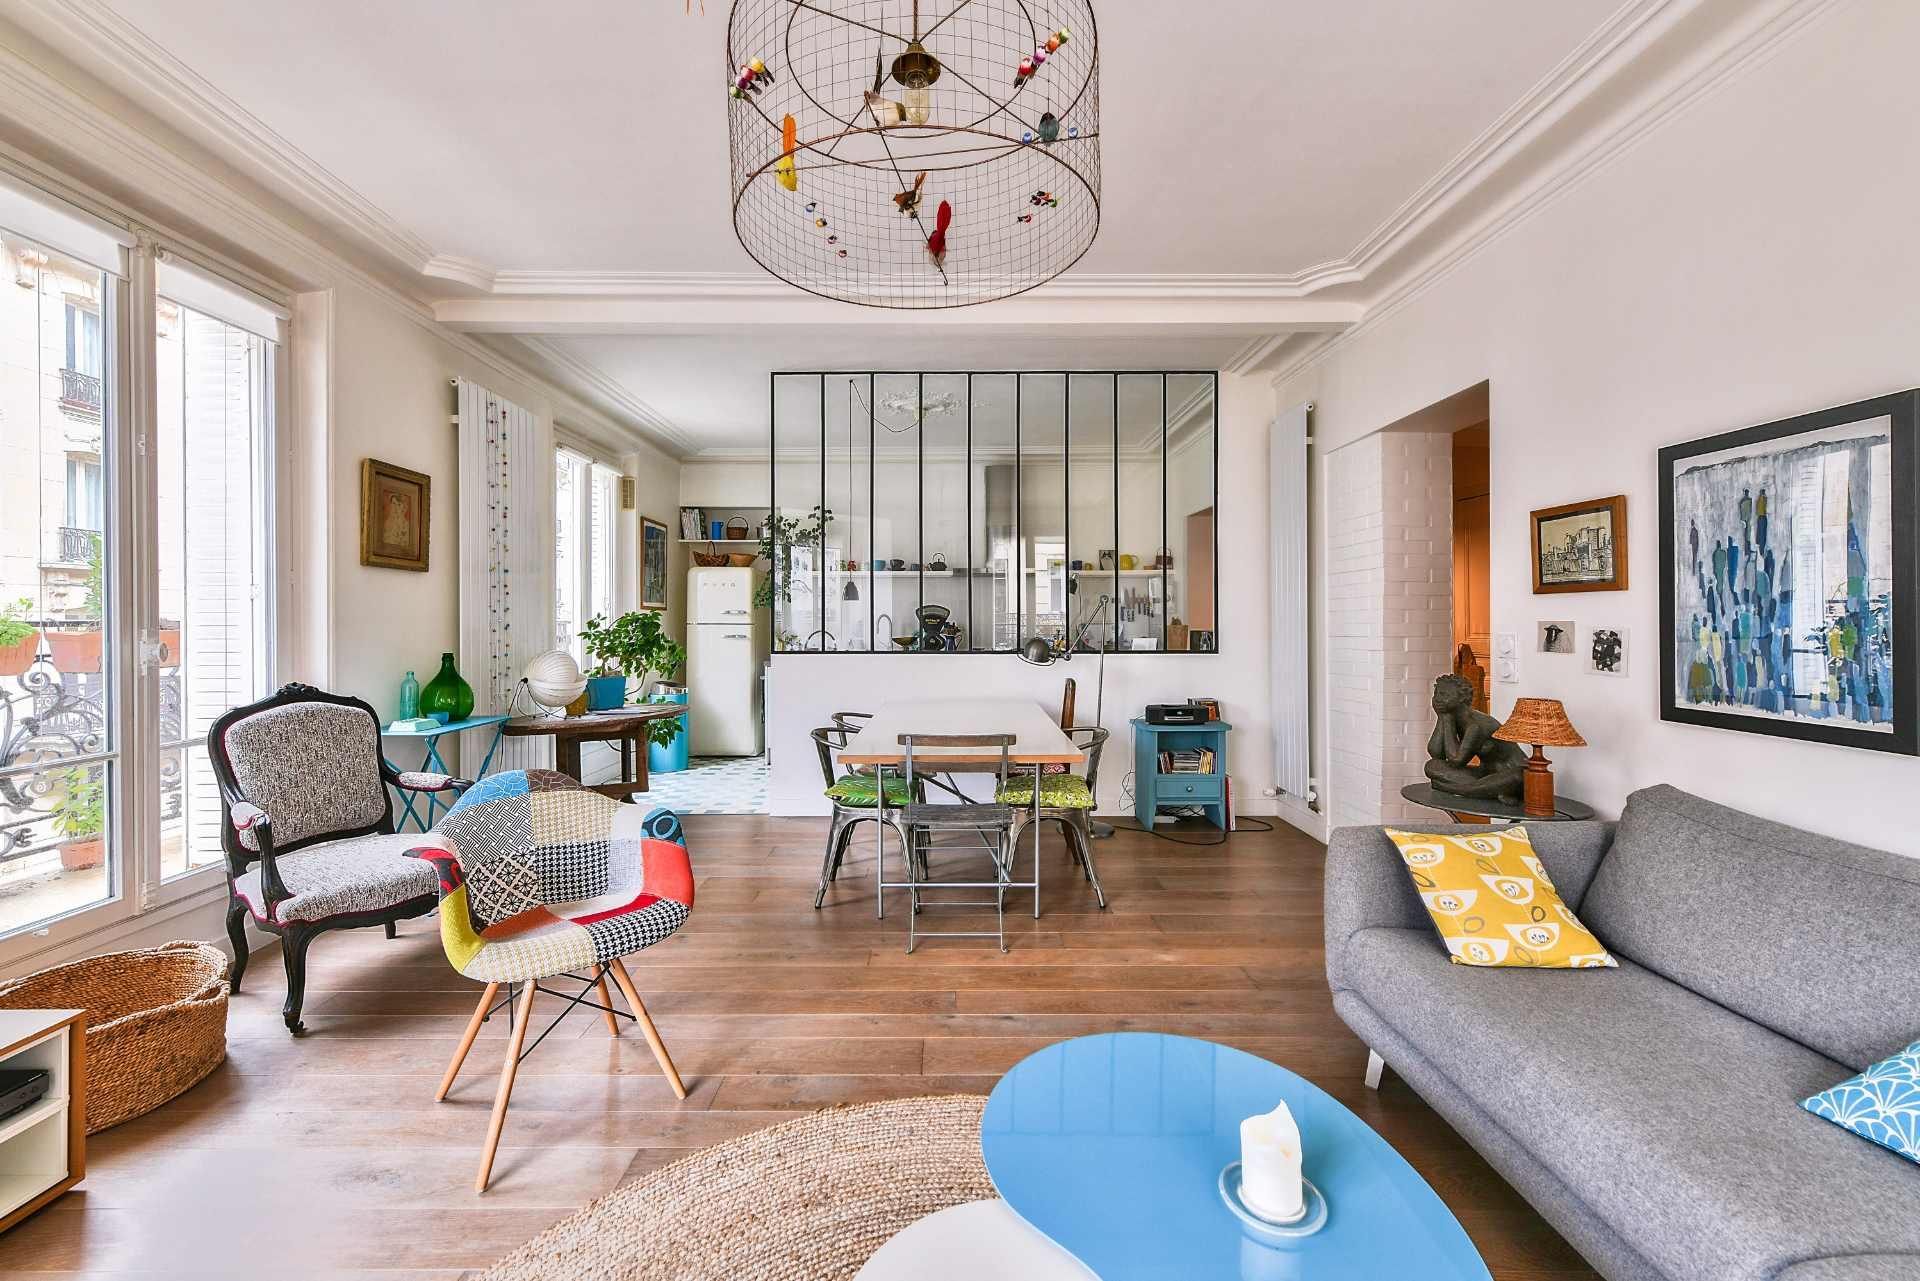 Appartement 3 pièces de 77m2 – Secteur Damrémont – Paris XVIII 3